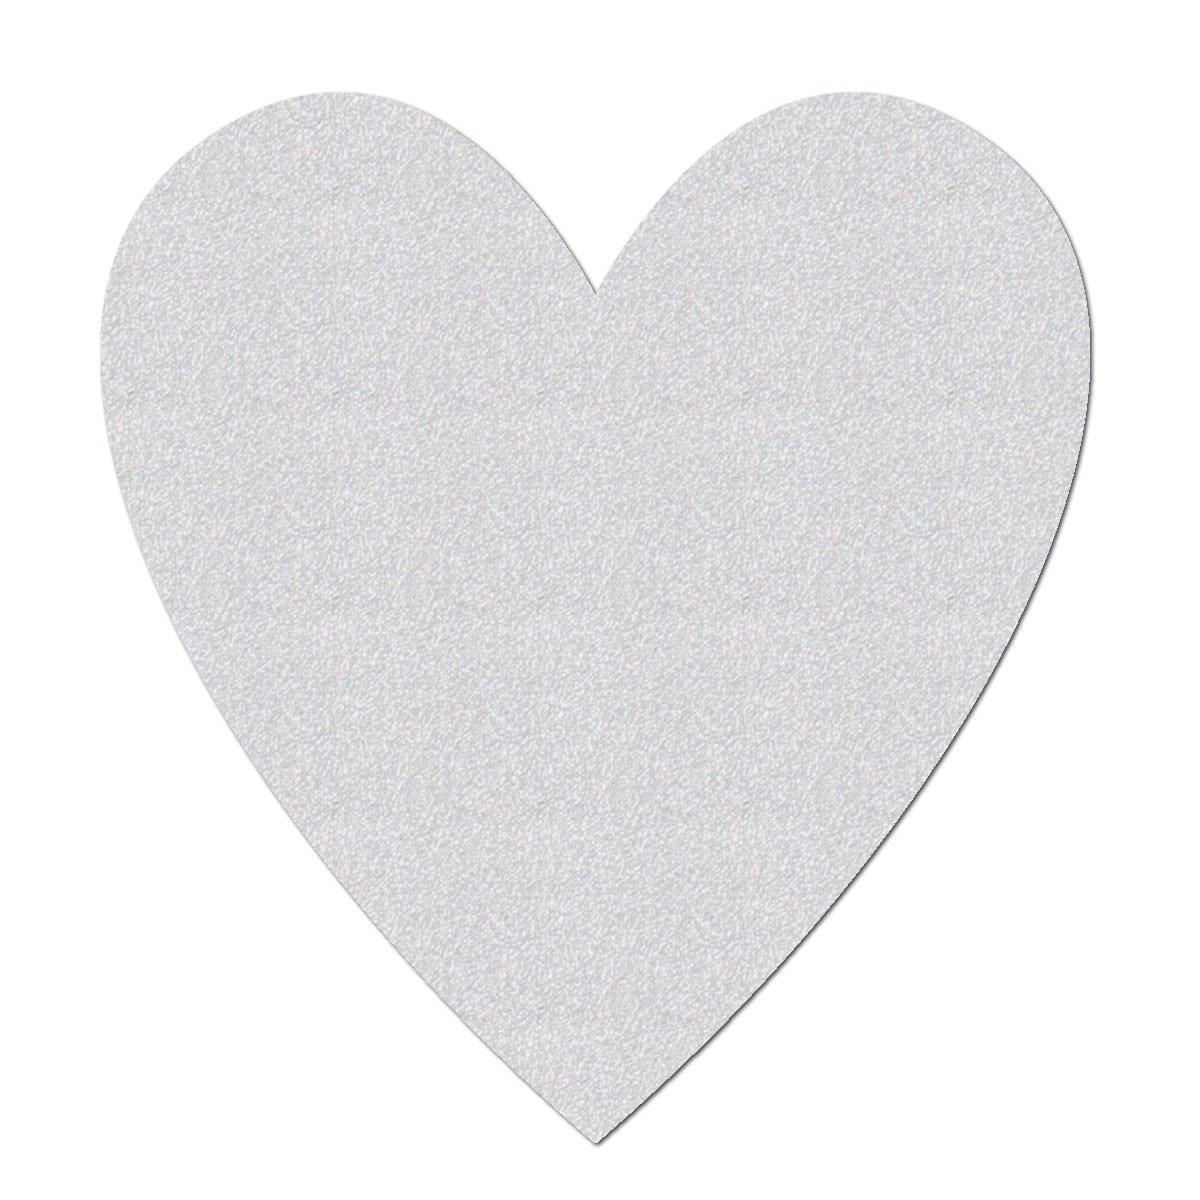 Reflektor Aufkleber Sticker Motiv Herz Reflektierender Aufkleber Baby